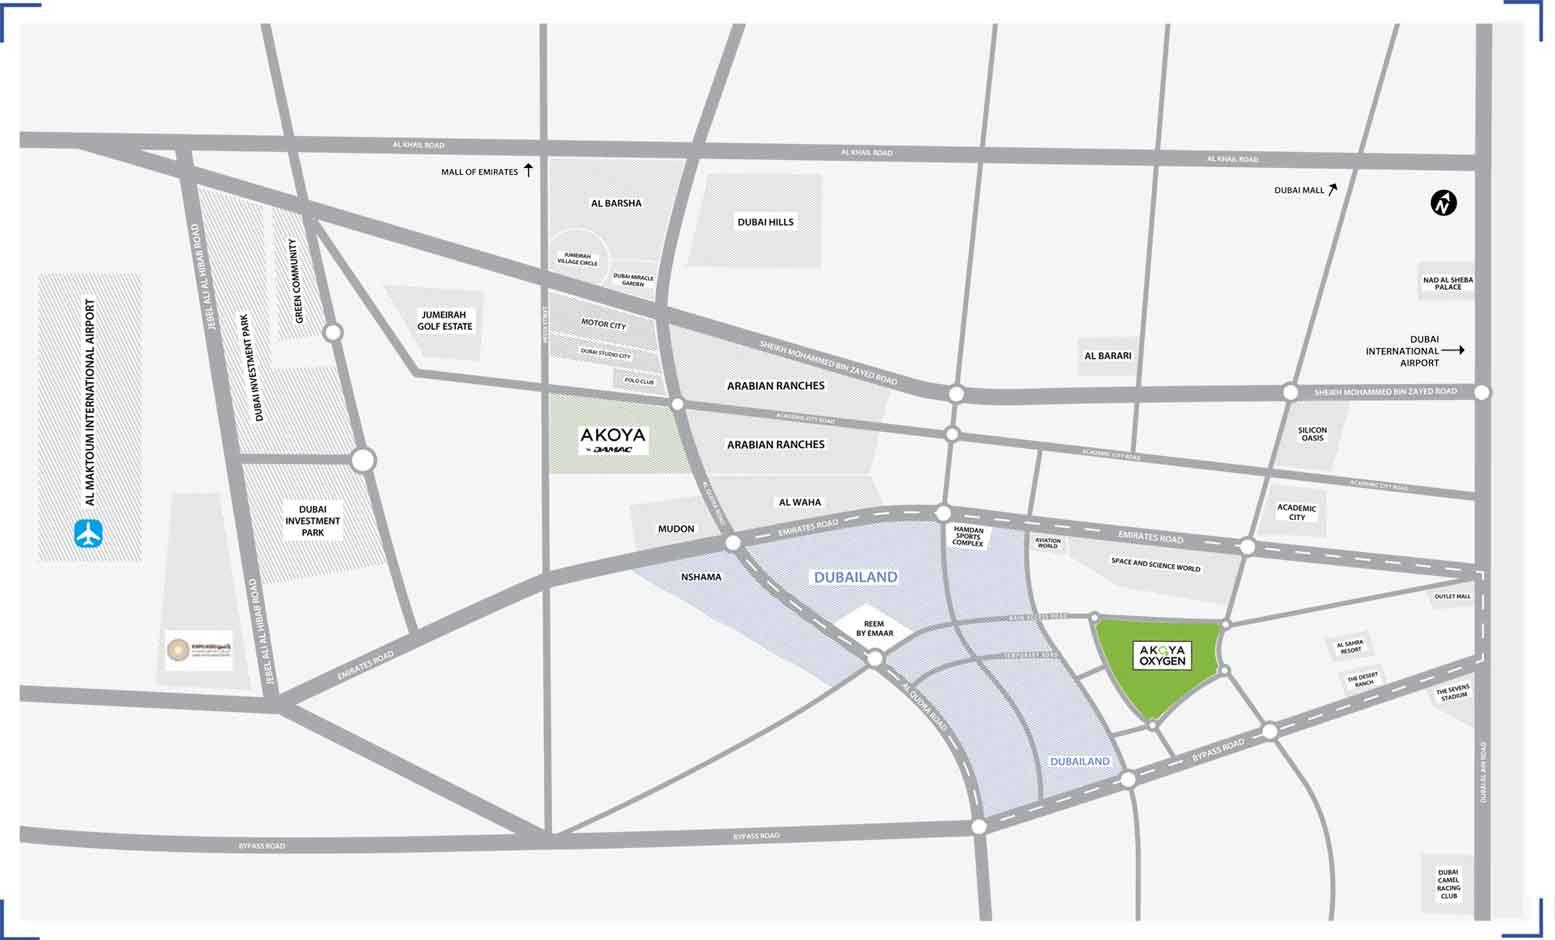 فلل-أكويا-سيلفي خريطة الموقع